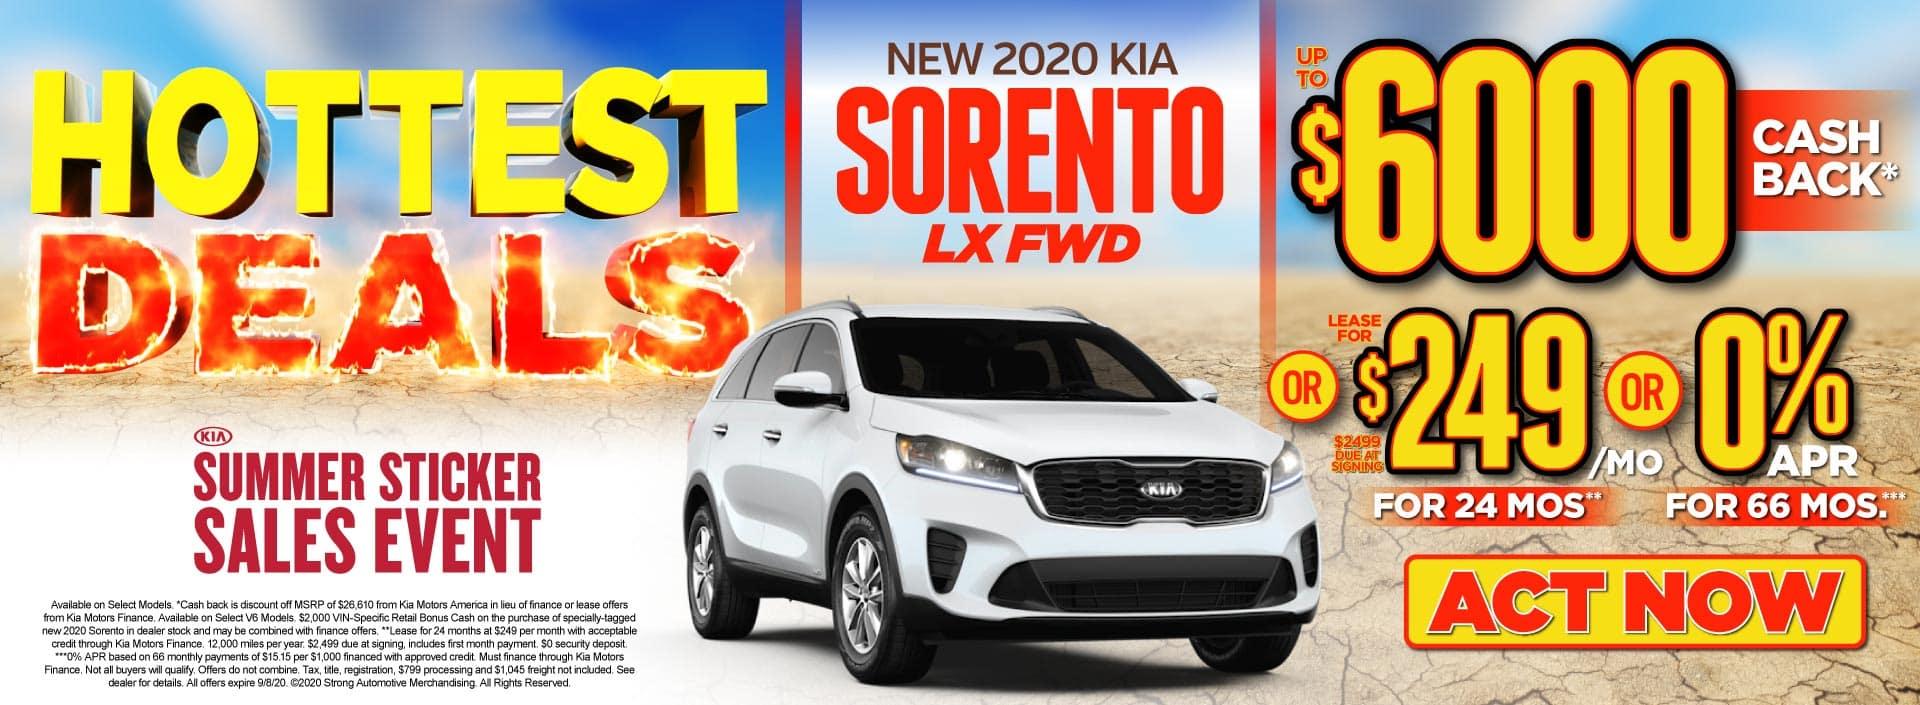 New 2020 Kia Sorento up to $6000 Cash Back - ACT NOW